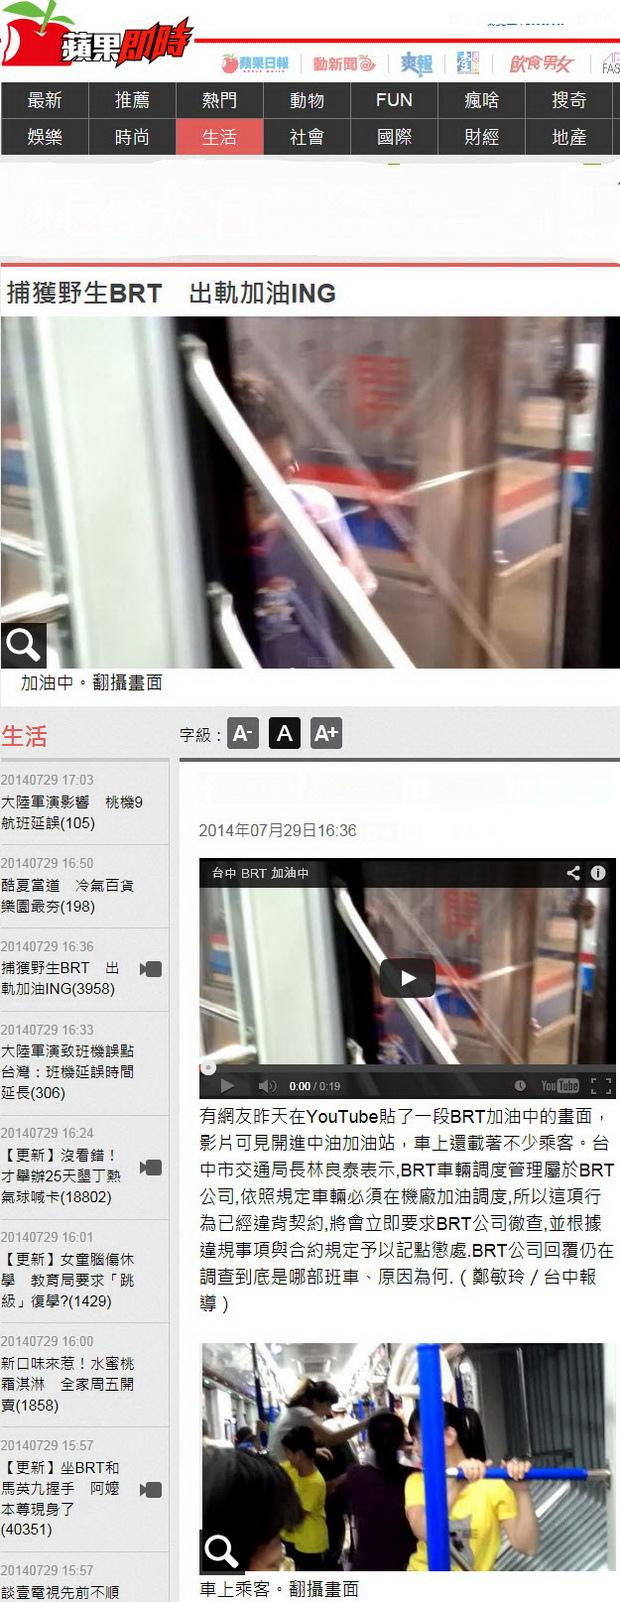 捕獲野生BRT 出軌加油ING-2014.07.29.jpg